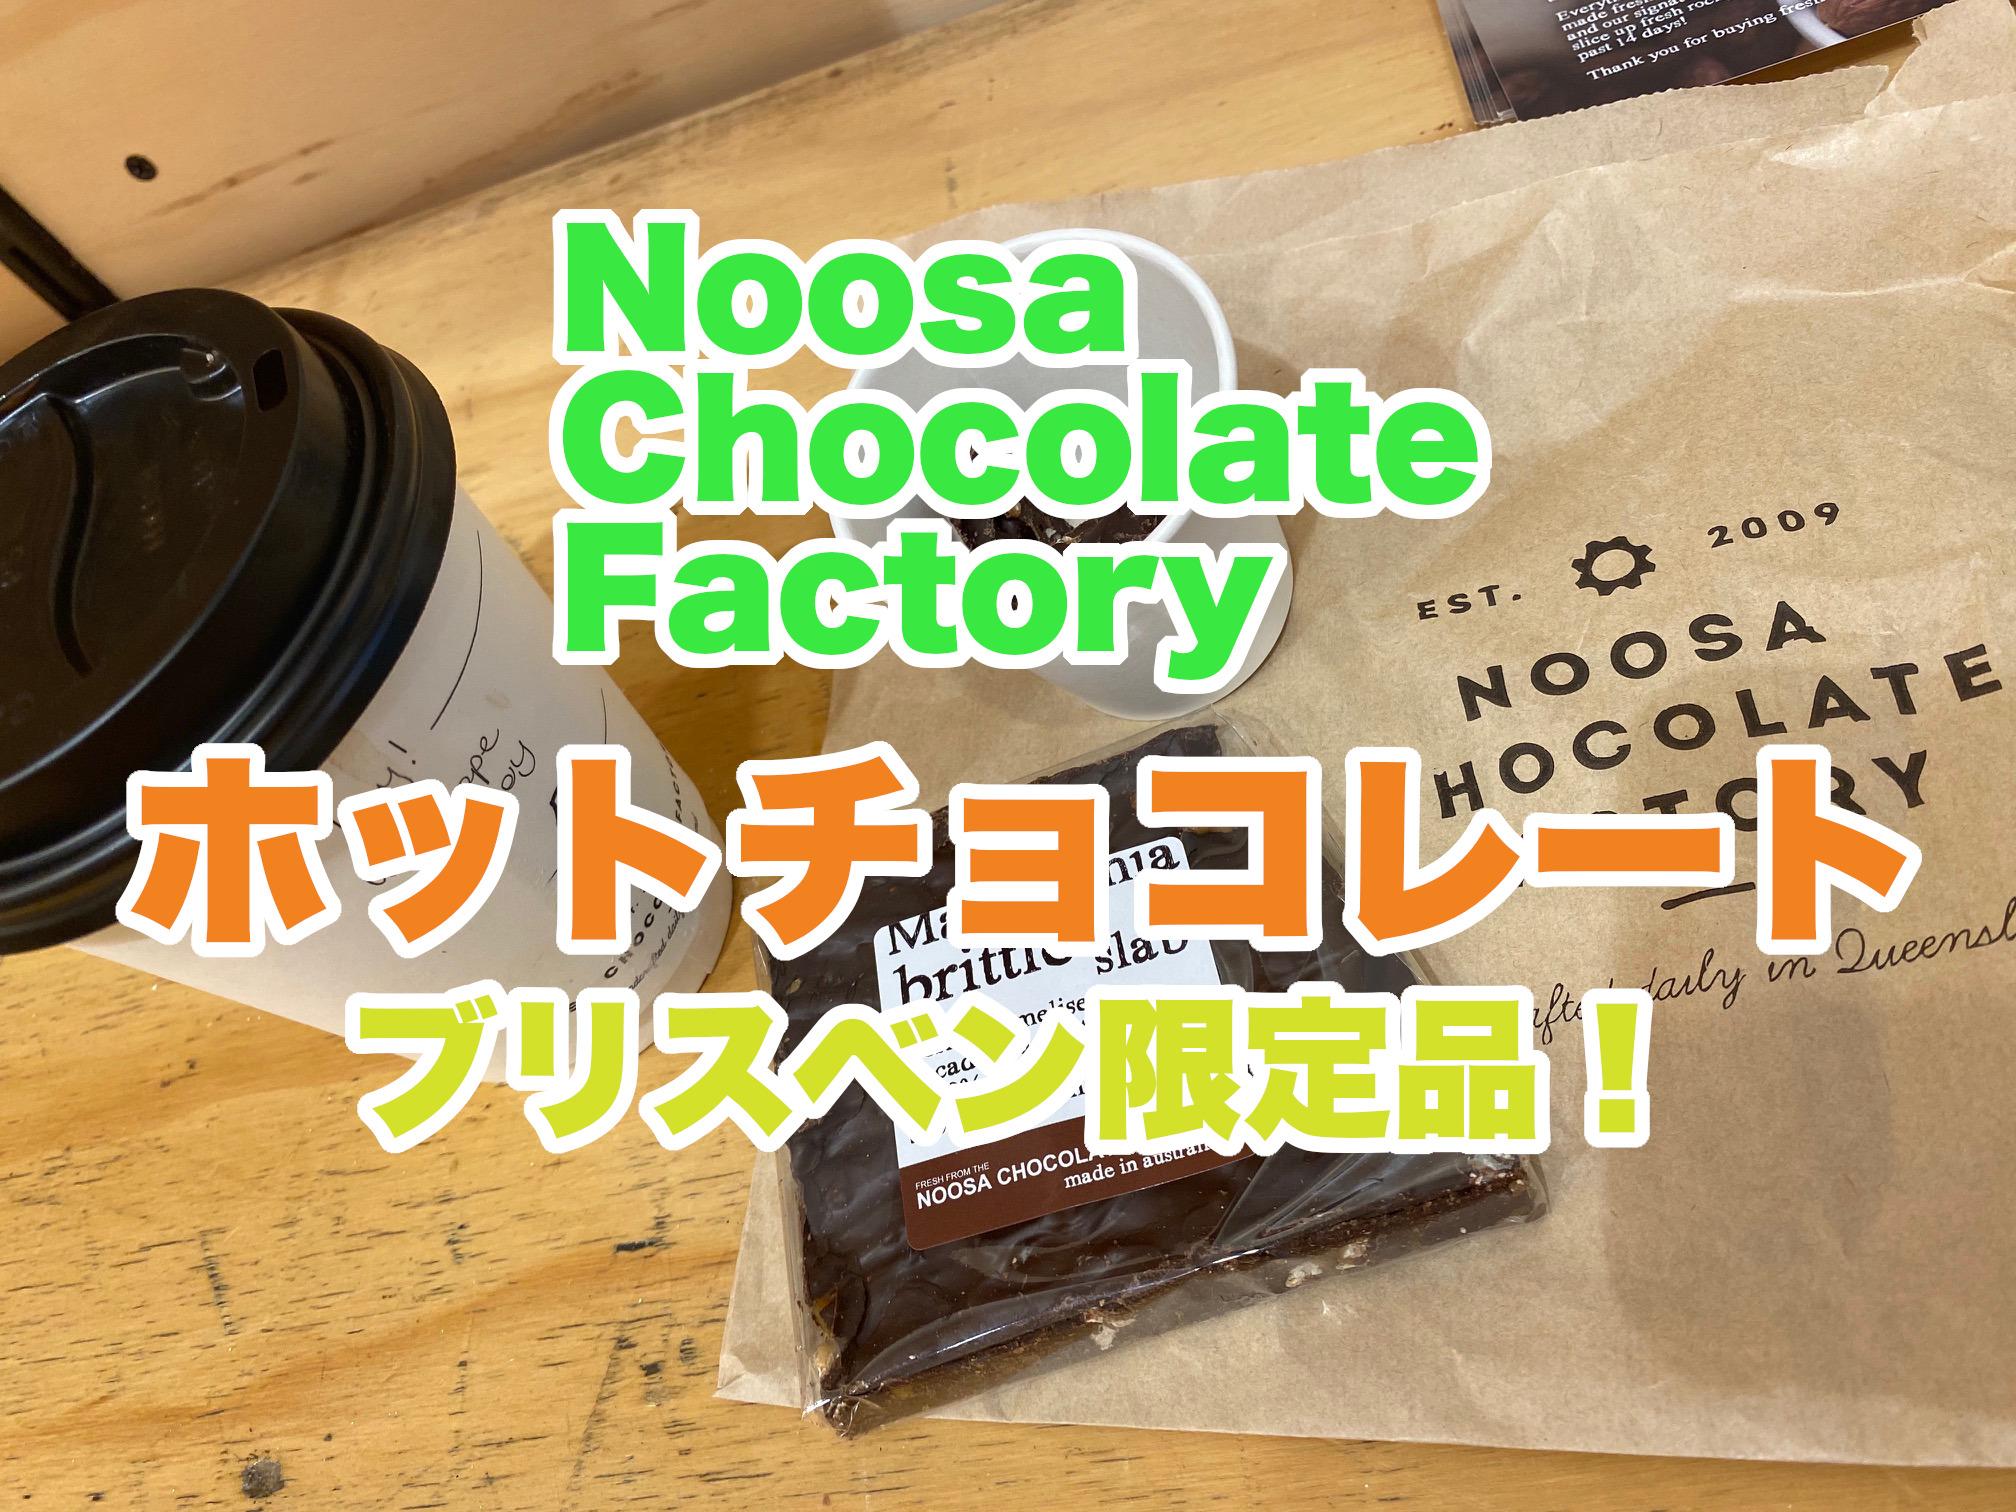 ブリスベン限定チョコレート